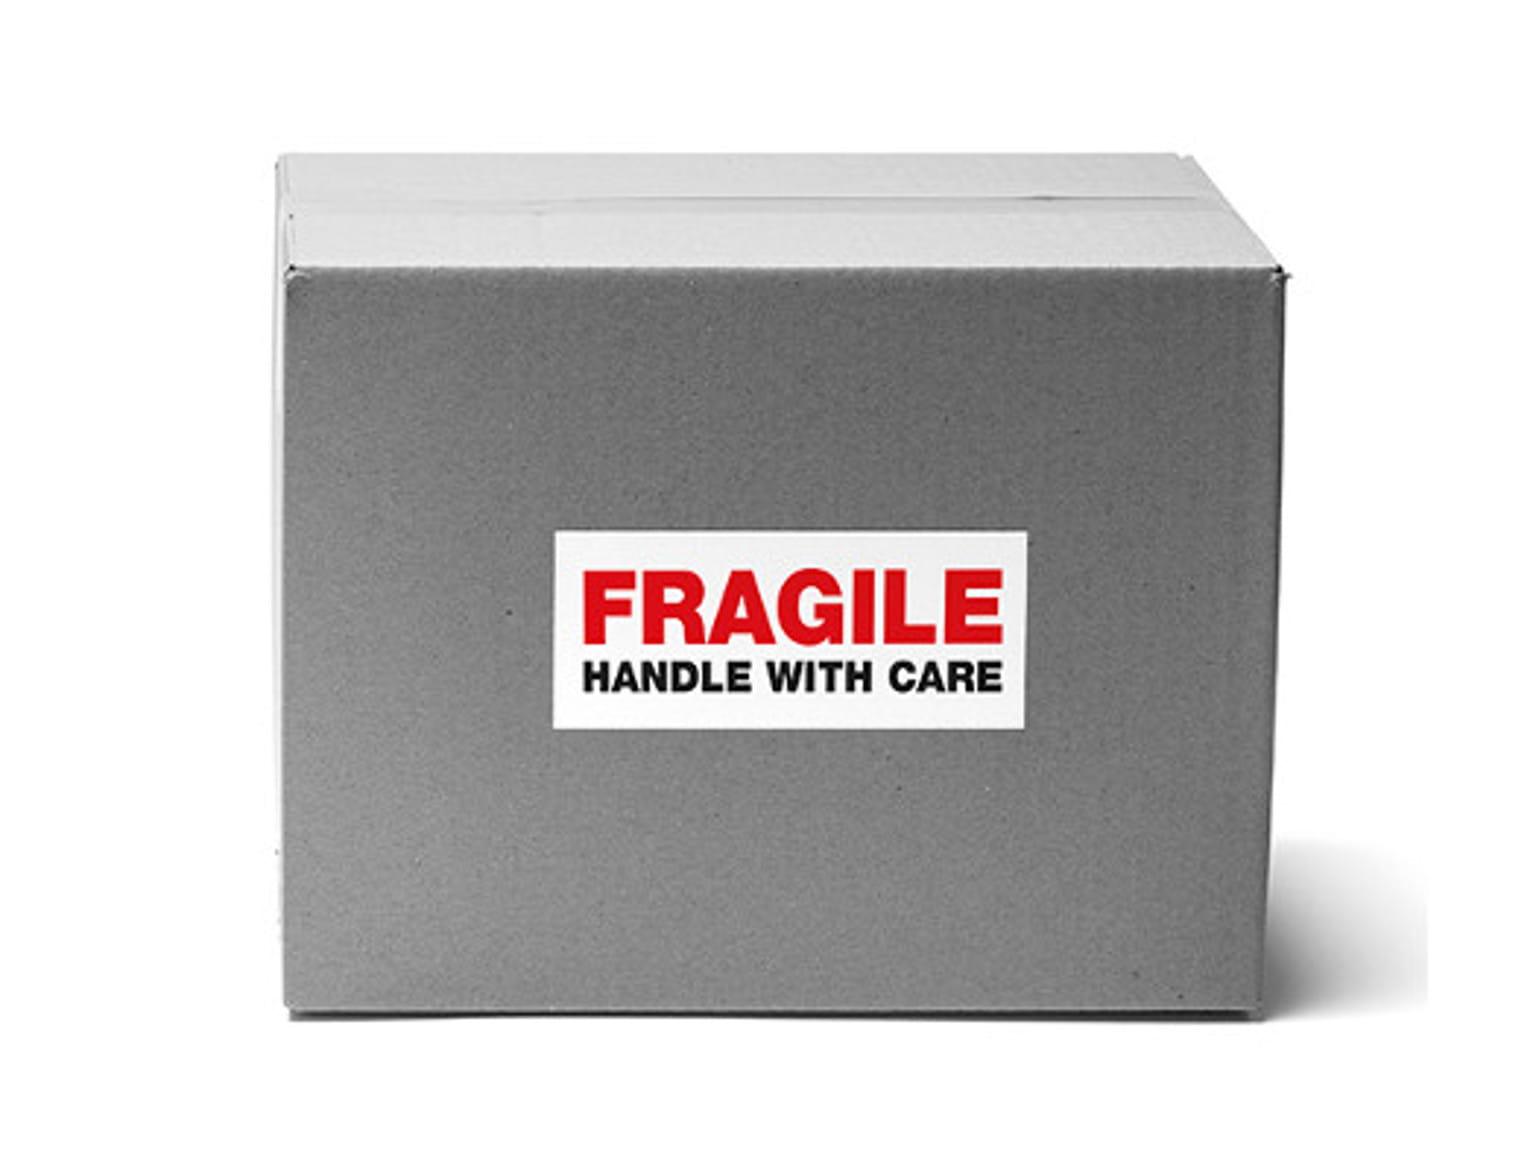 Caja gris con etiqueta en rojo y negro